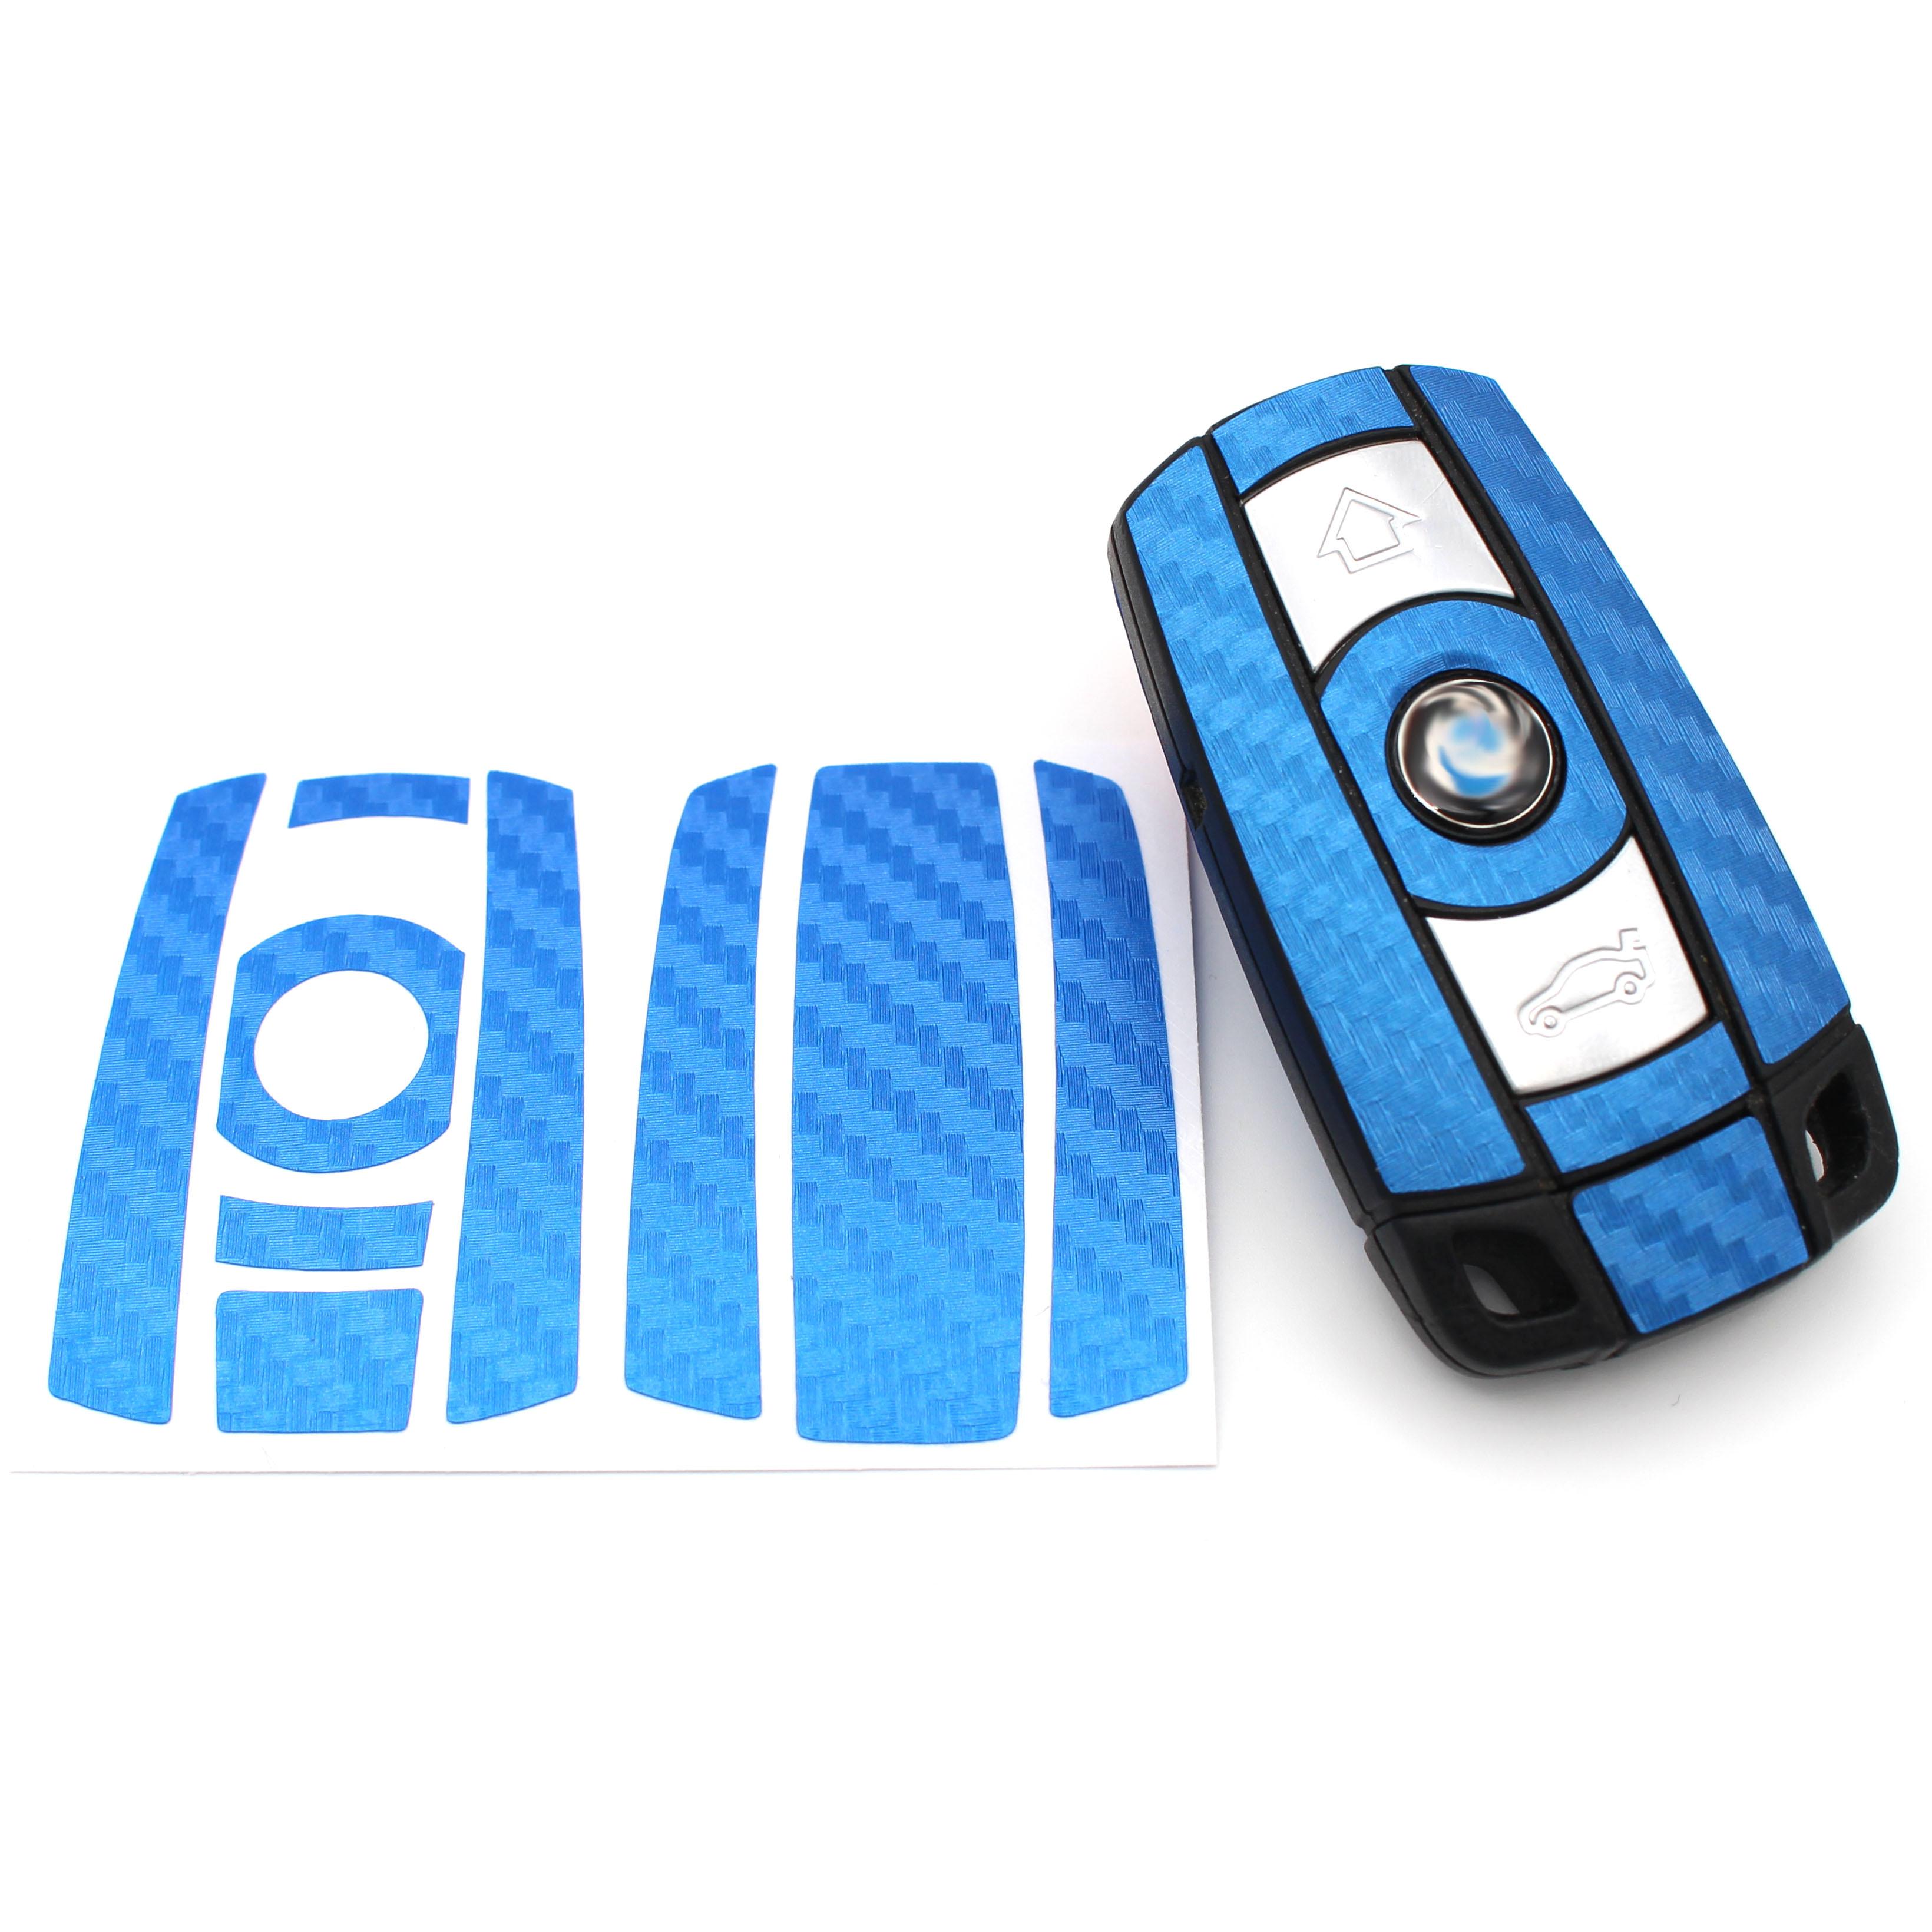 Carbon Anthraz Folie für BMW C Schlüssel Key Case Hülle Autoschlüssel